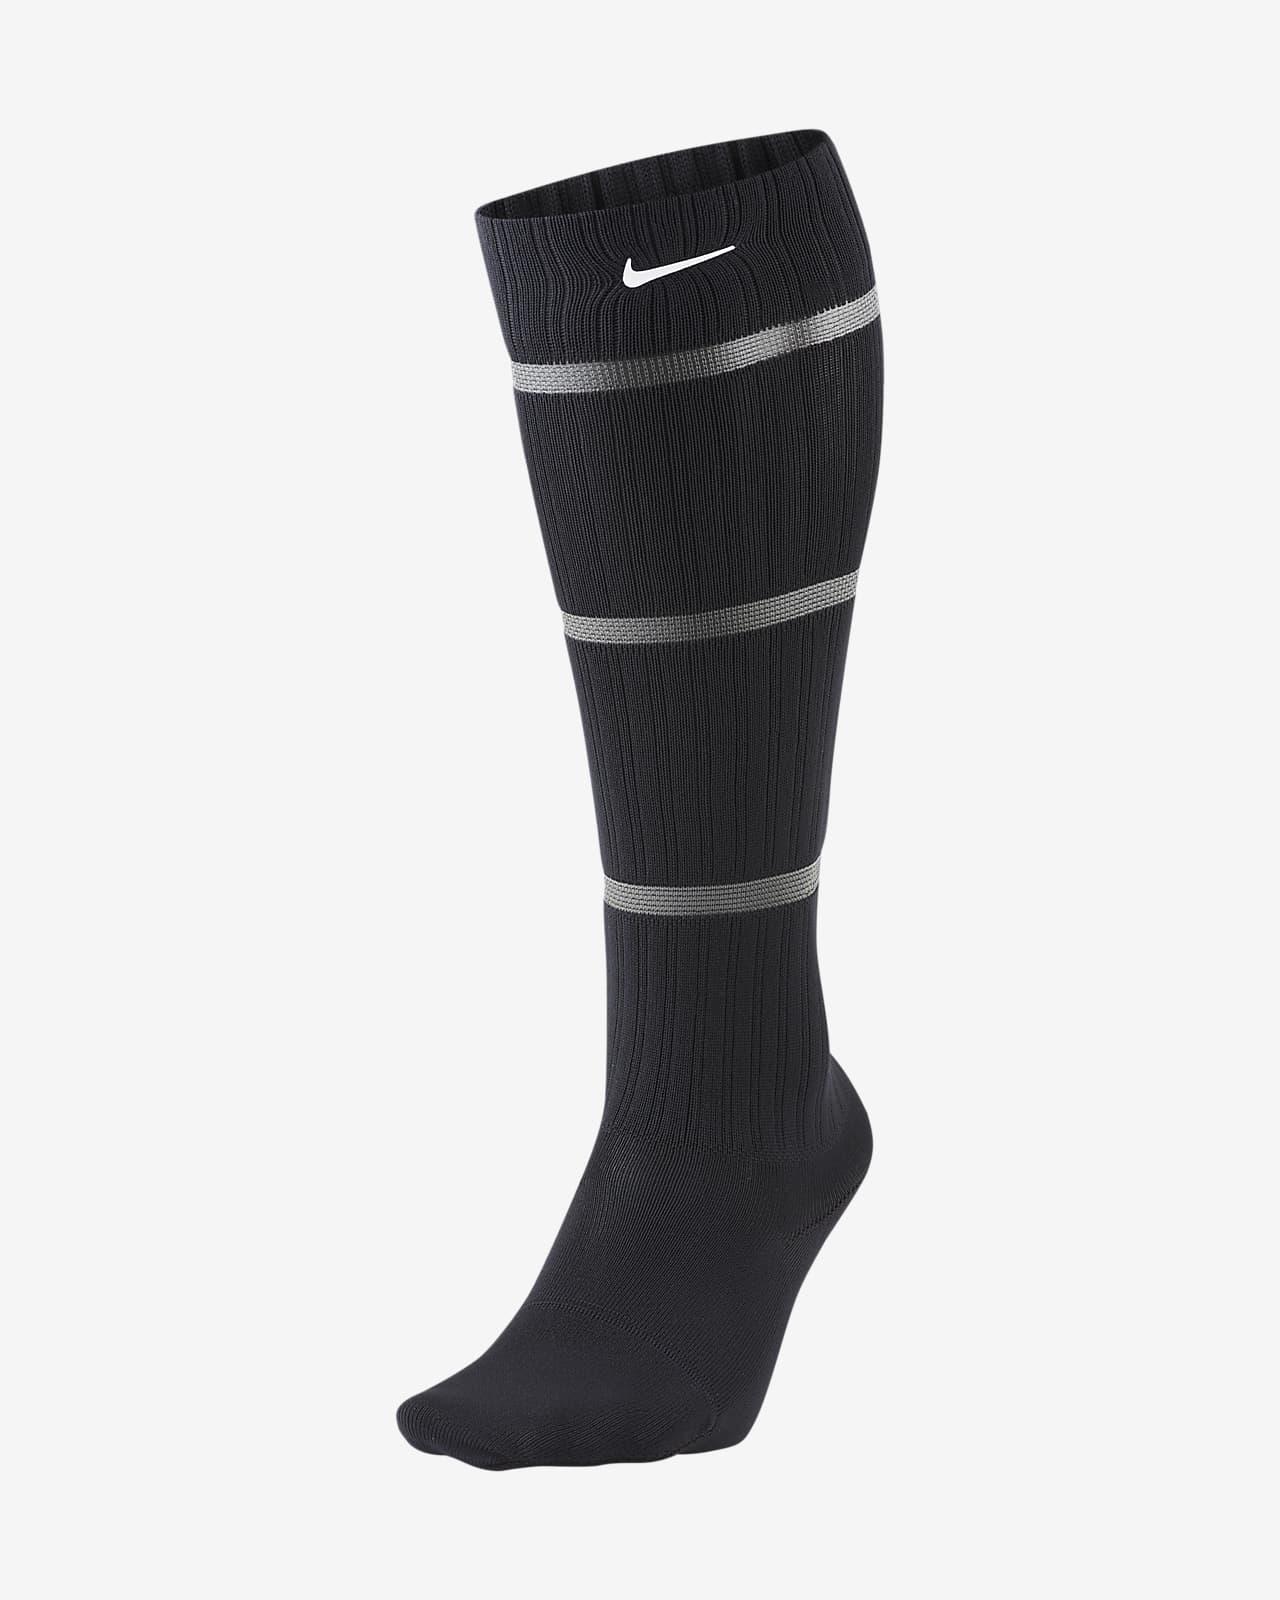 Nike One Damen-Kniestrümpfe